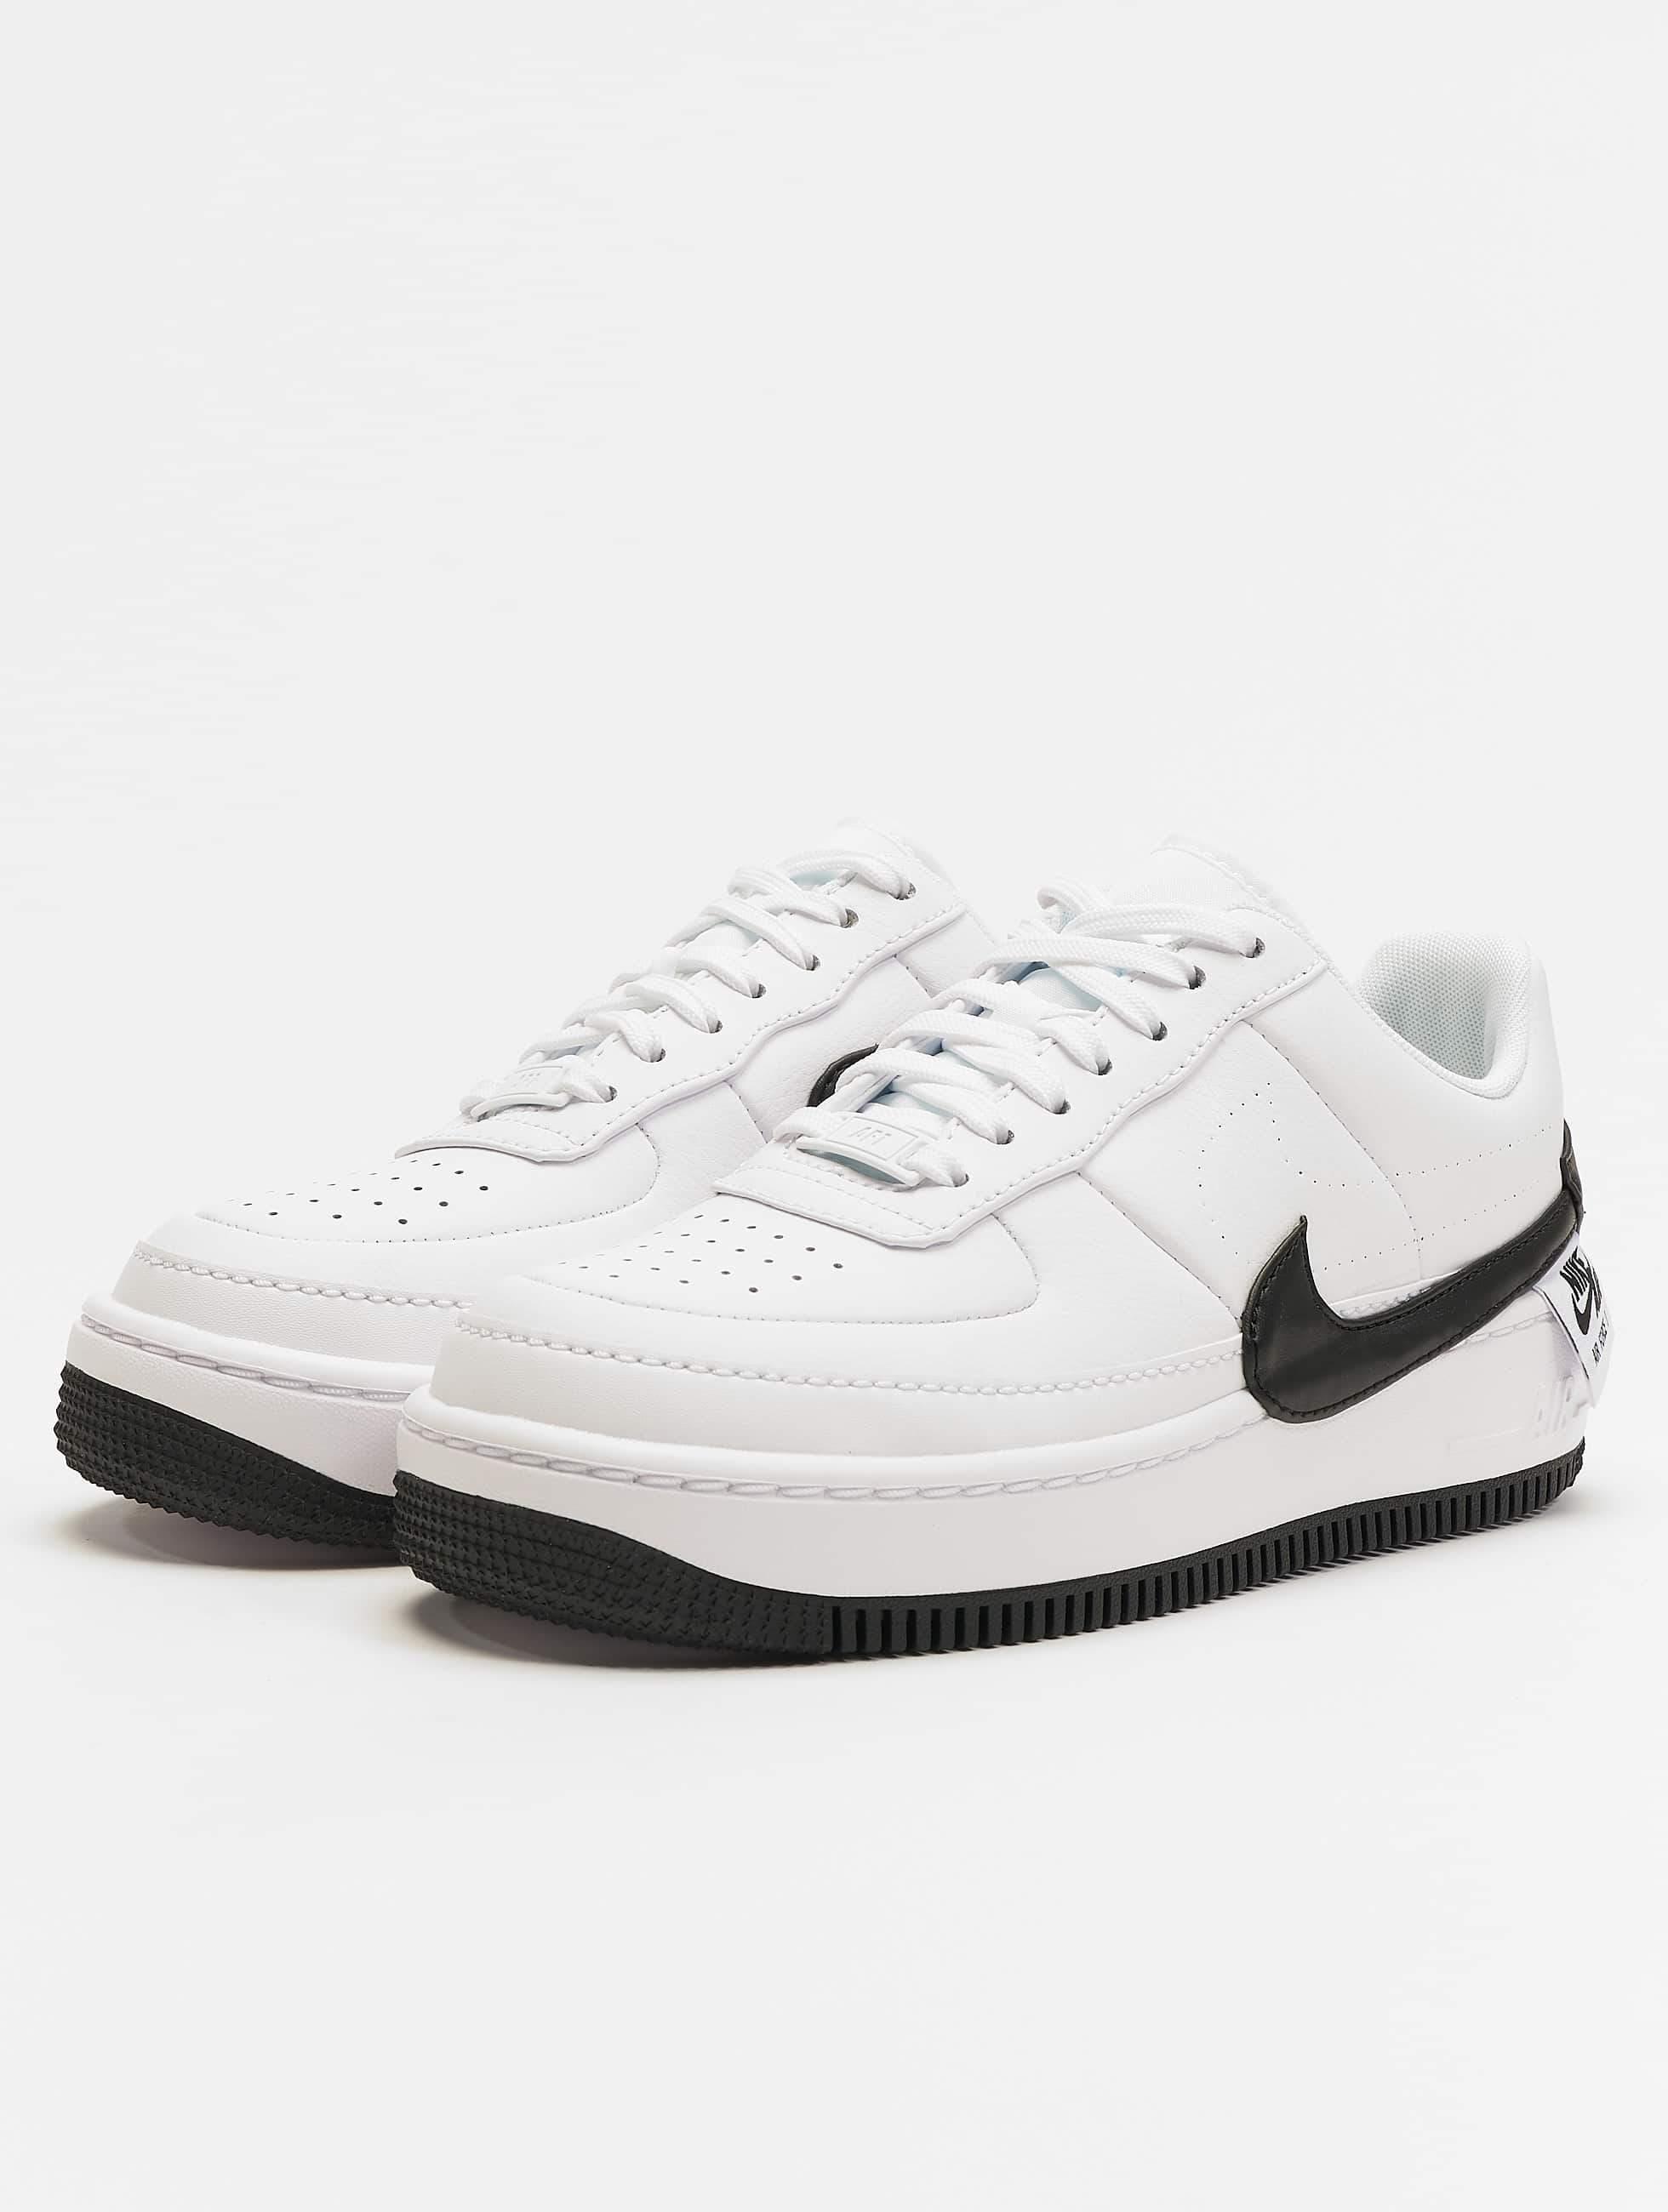 cbed8f17191 Nike schoen / sneaker Air Force 1 Jester Xx in wit 539263